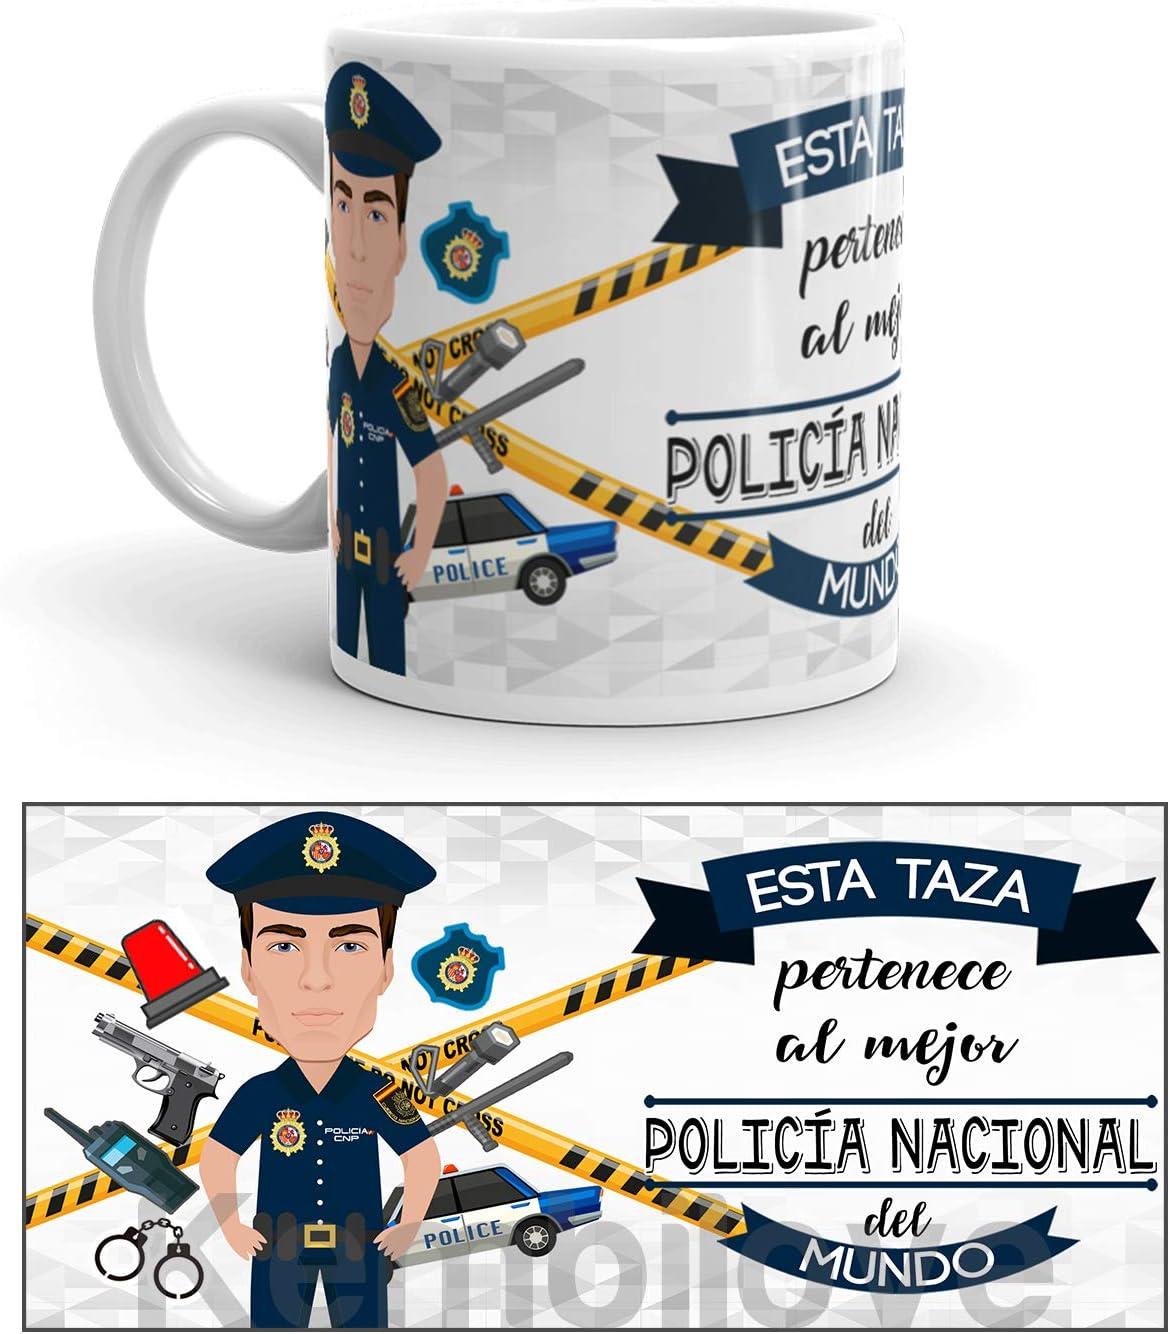 Kembilove Taza de Café del Mejor Policía Nacional del Mundo – Taza de Desayuno para la Oficina – Taza de Café y Té para Profesionales – Taza de Cerámica Impresa – Tazas